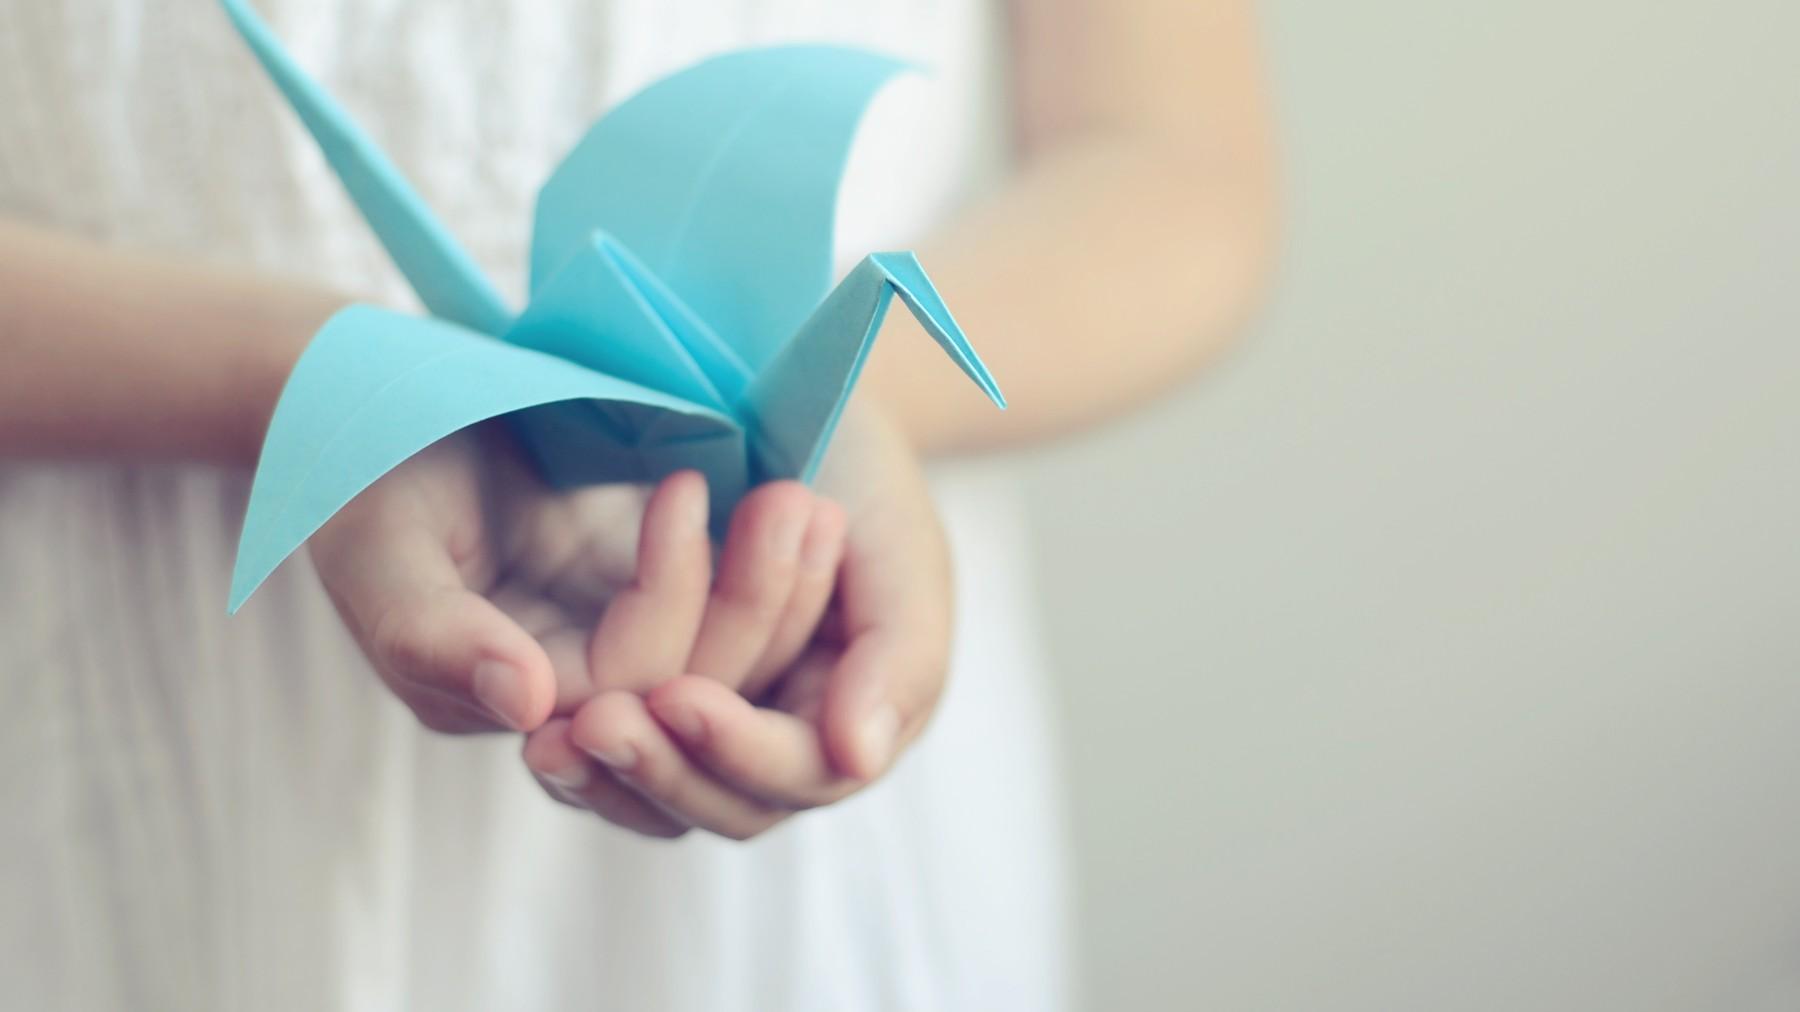 นกพับสีฟ้าบนมือที่ถืออยู่